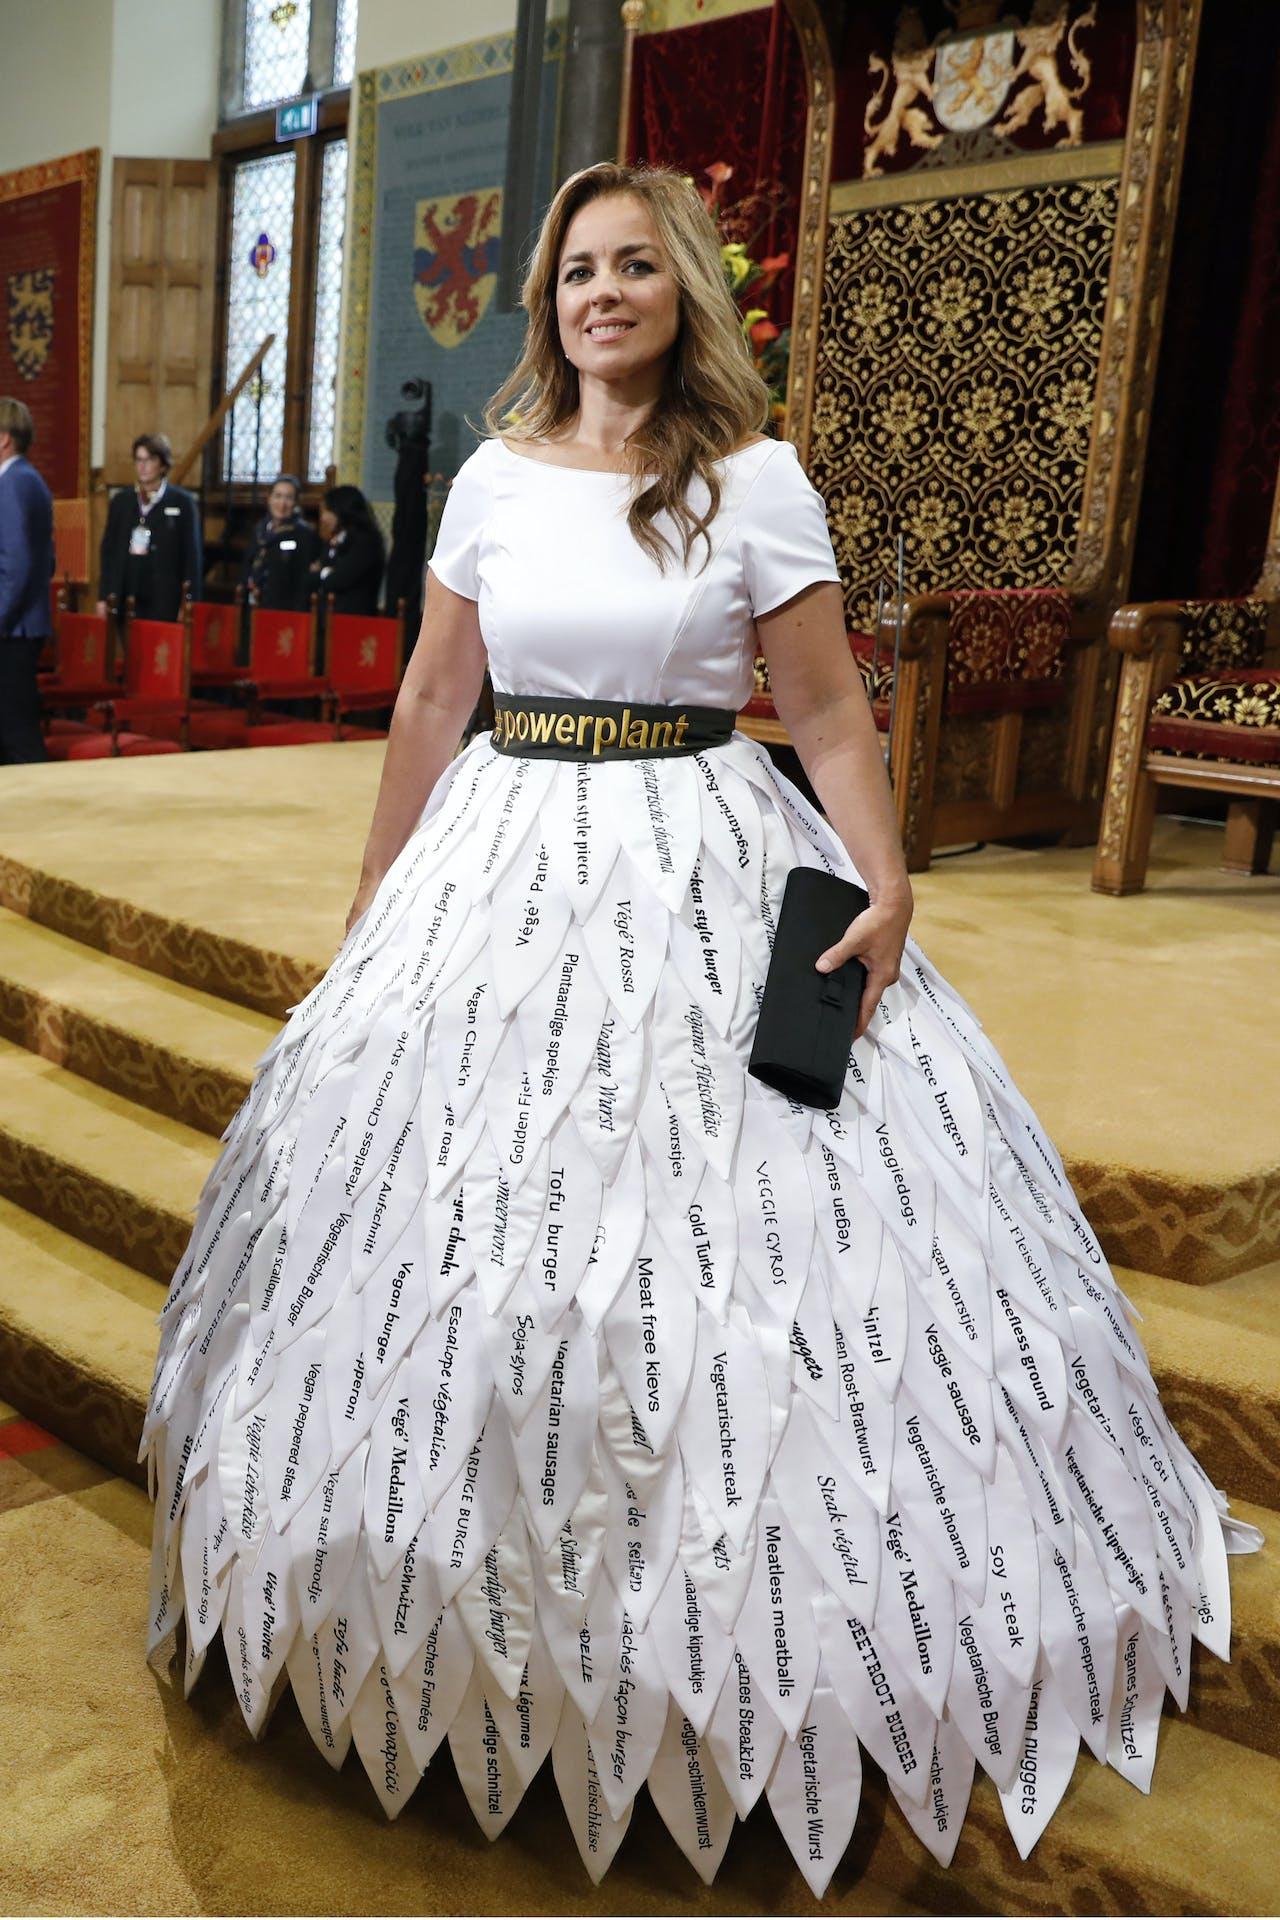 2018-09-18 13:06:24 DEN HAAG - Marianne Thieme in de Ridderzaal op Prinsjesdag. ANP REMKO DE WAAL